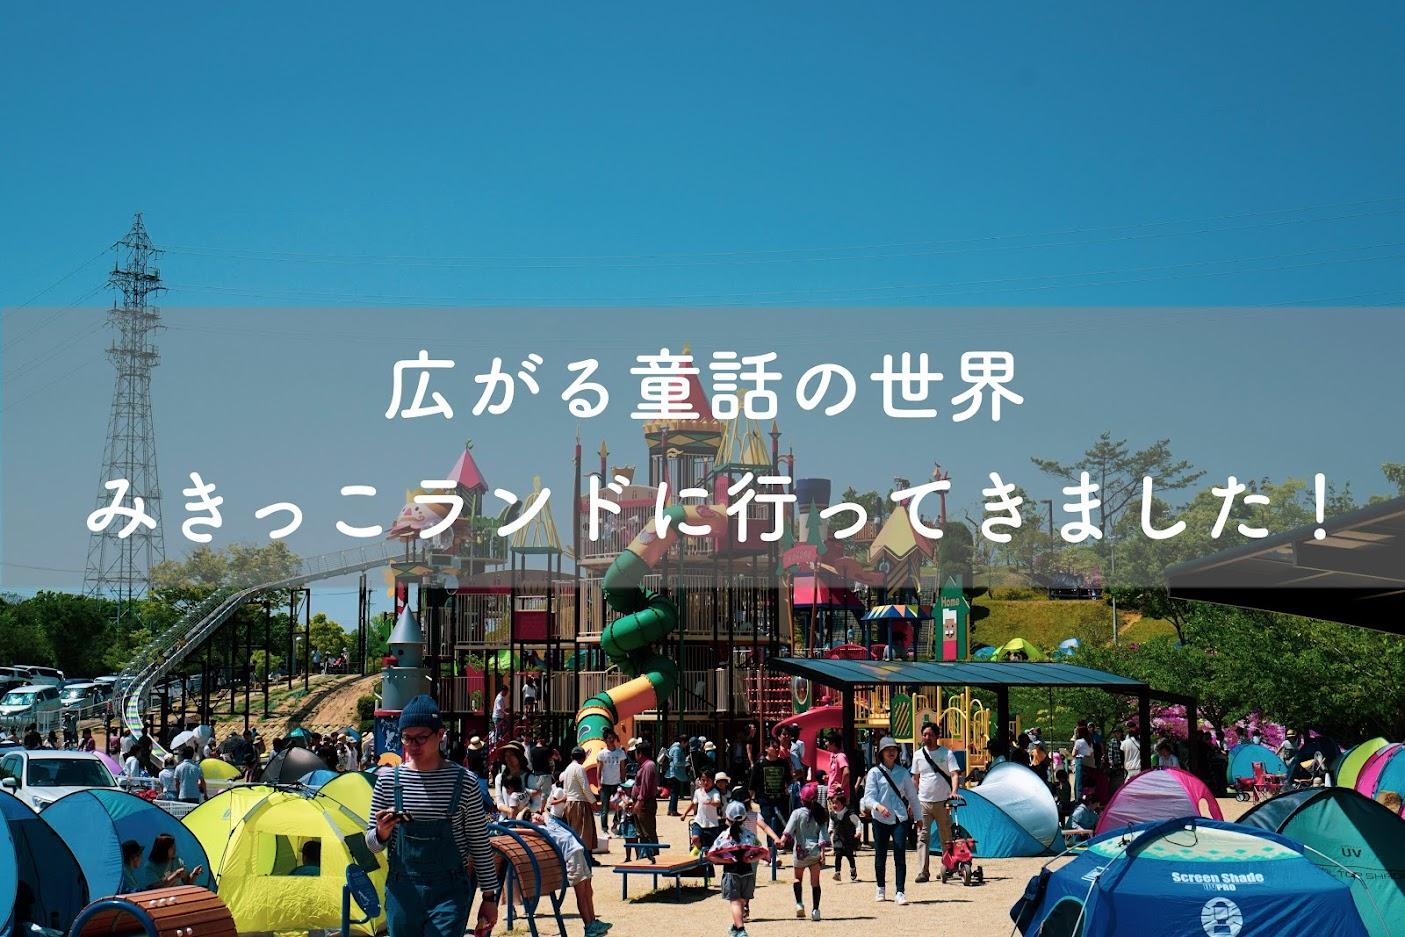 広がる童話の世界、みきっこランドに行ってきました!